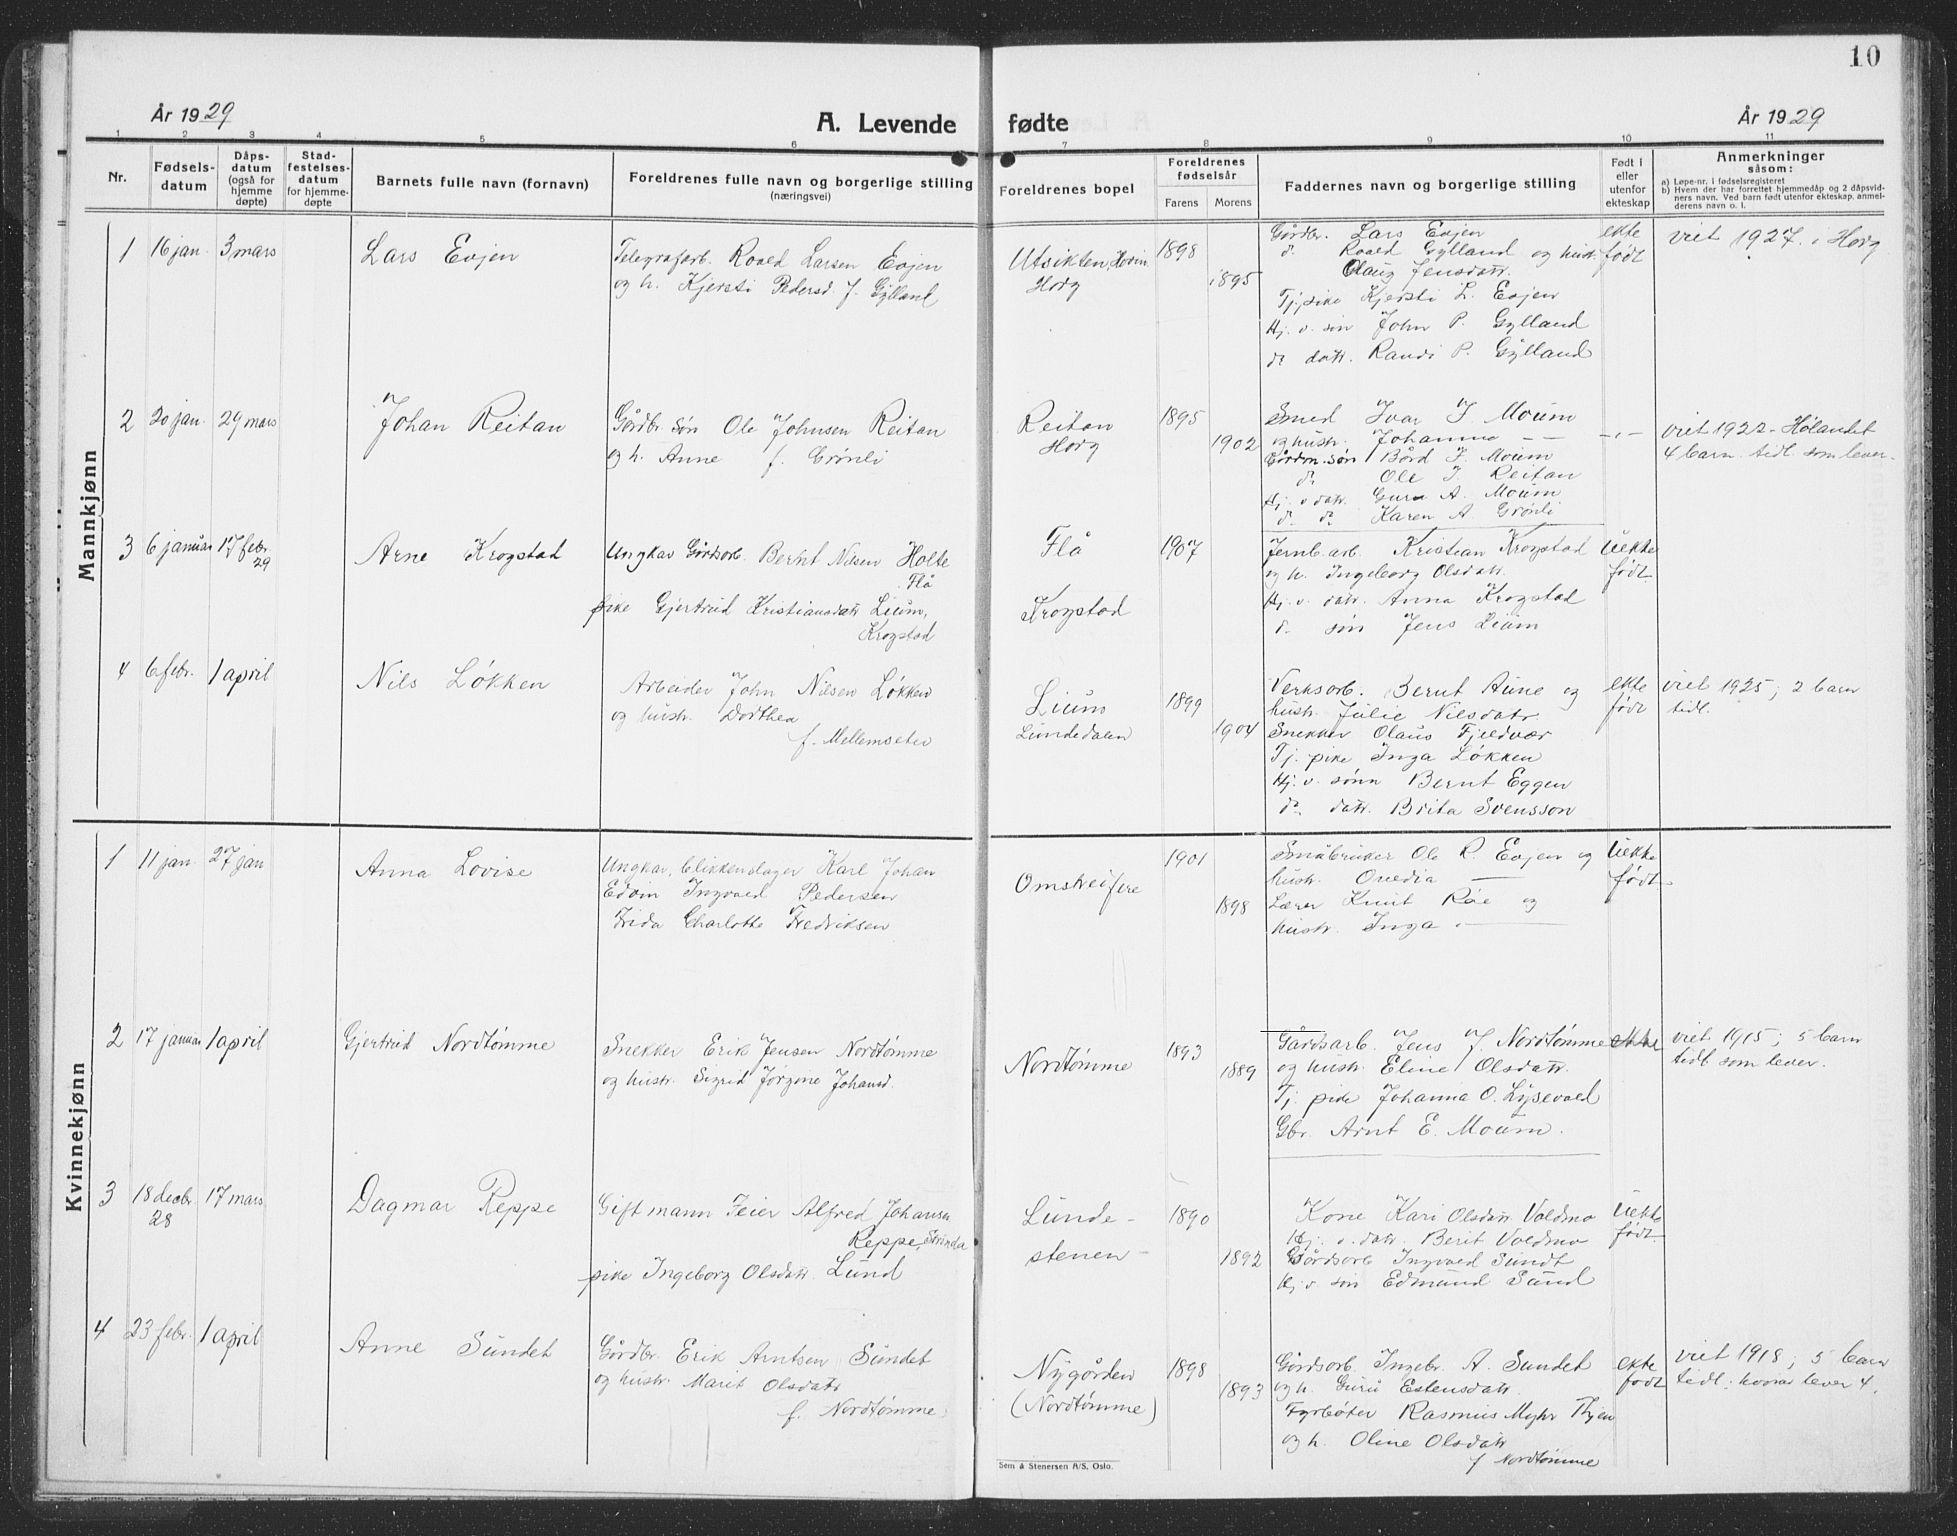 SAT, Ministerialprotokoller, klokkerbøker og fødselsregistre - Sør-Trøndelag, 692/L1114: Klokkerbok nr. 692C09, 1928-1935, s. 10